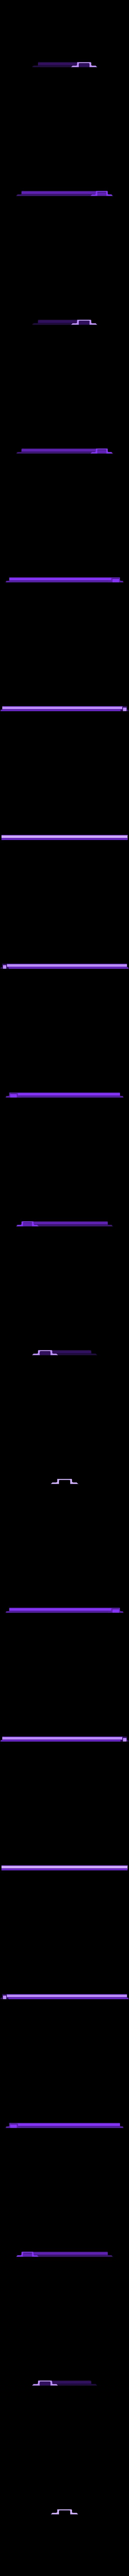 RPiWM_DIN_Rail.stl Télécharger fichier STL gratuit Kit de fixation murale Raspberry Pi • Objet pour impression 3D, nullgel